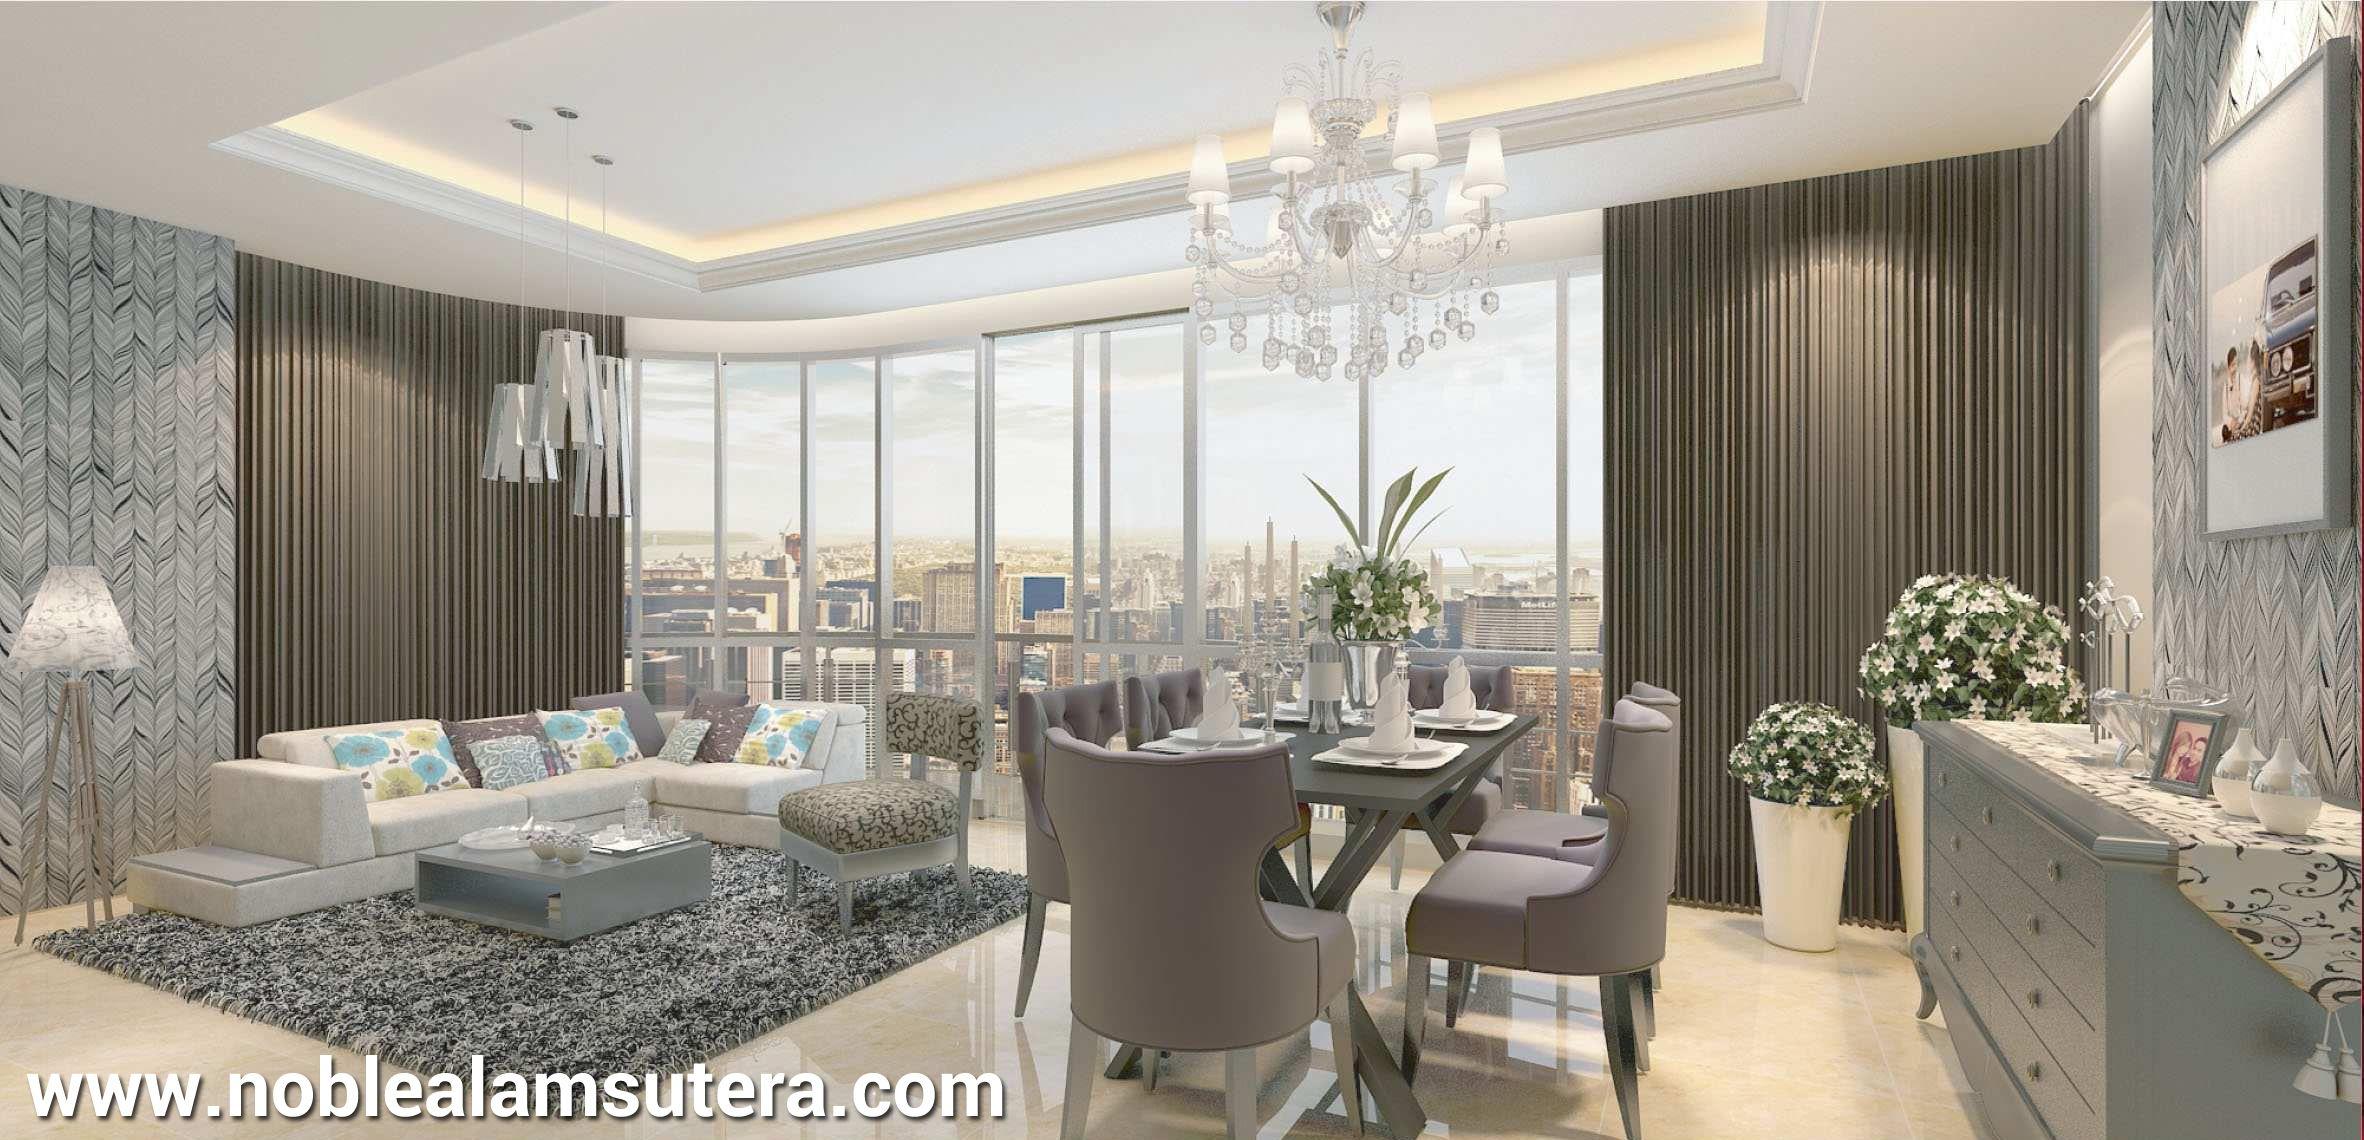 Interior design apartemen - Contoh Interior Design Apartemen The Noble Alam Sutera 3br